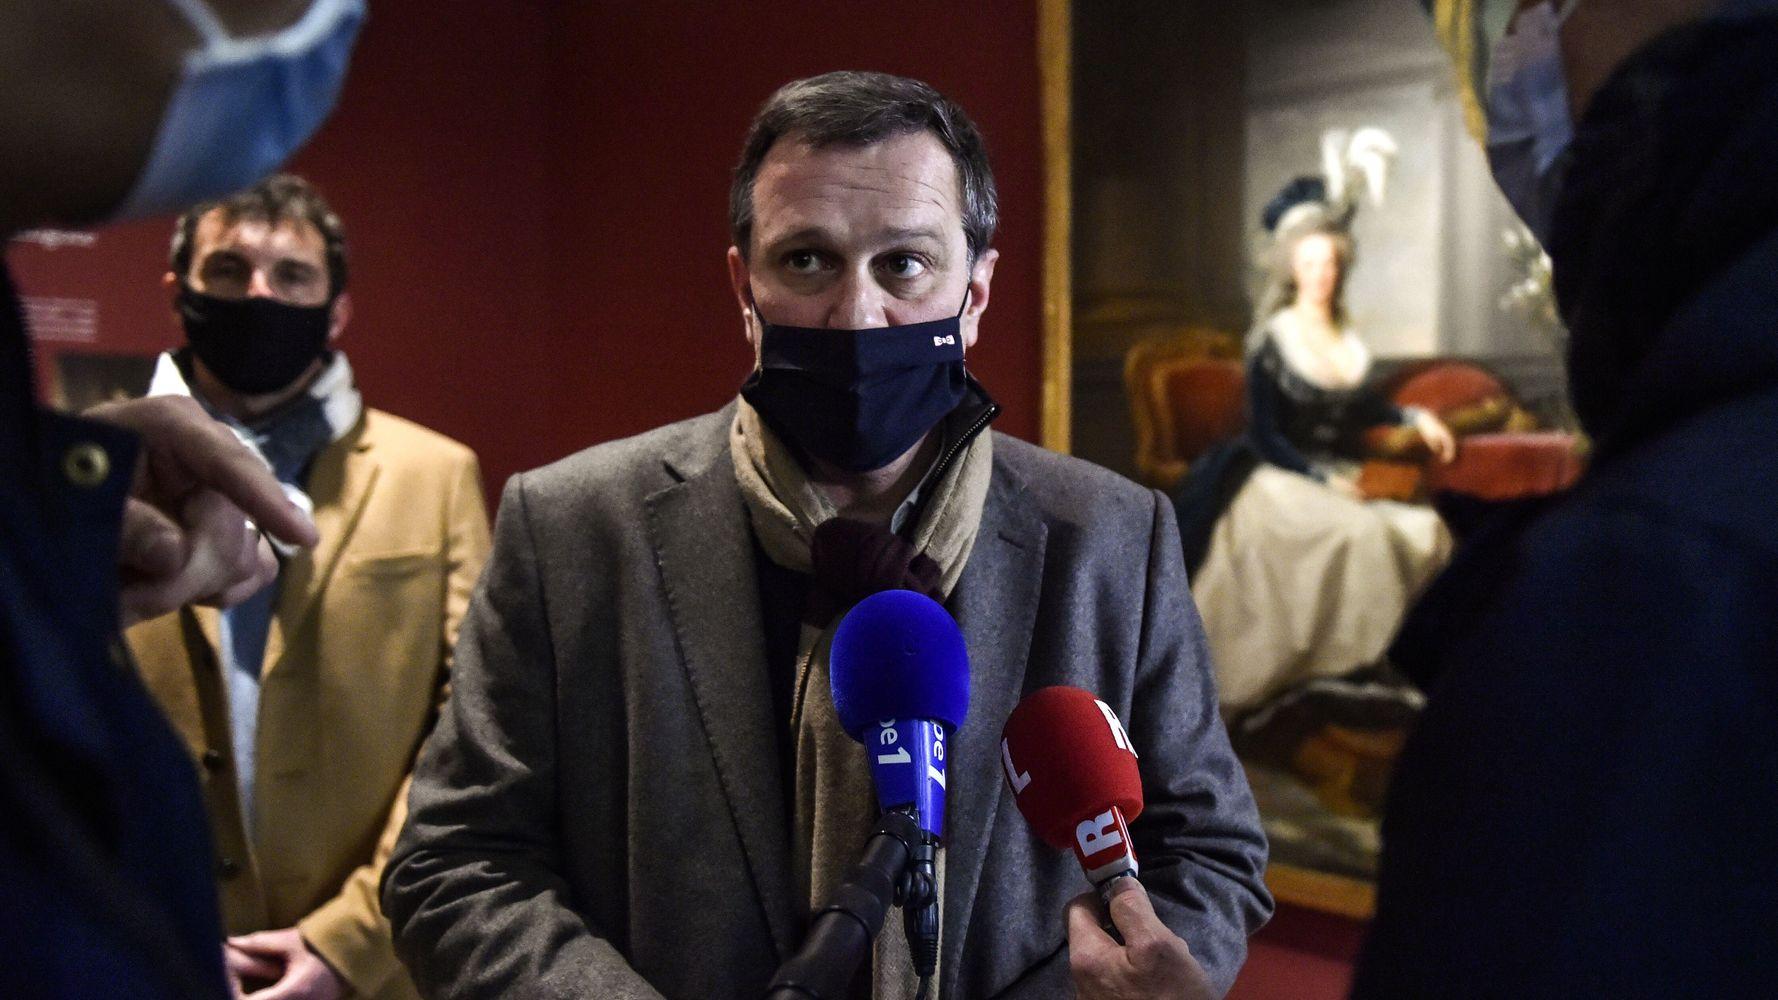 La réouverture des musées de Perpignan suspendue par la justice